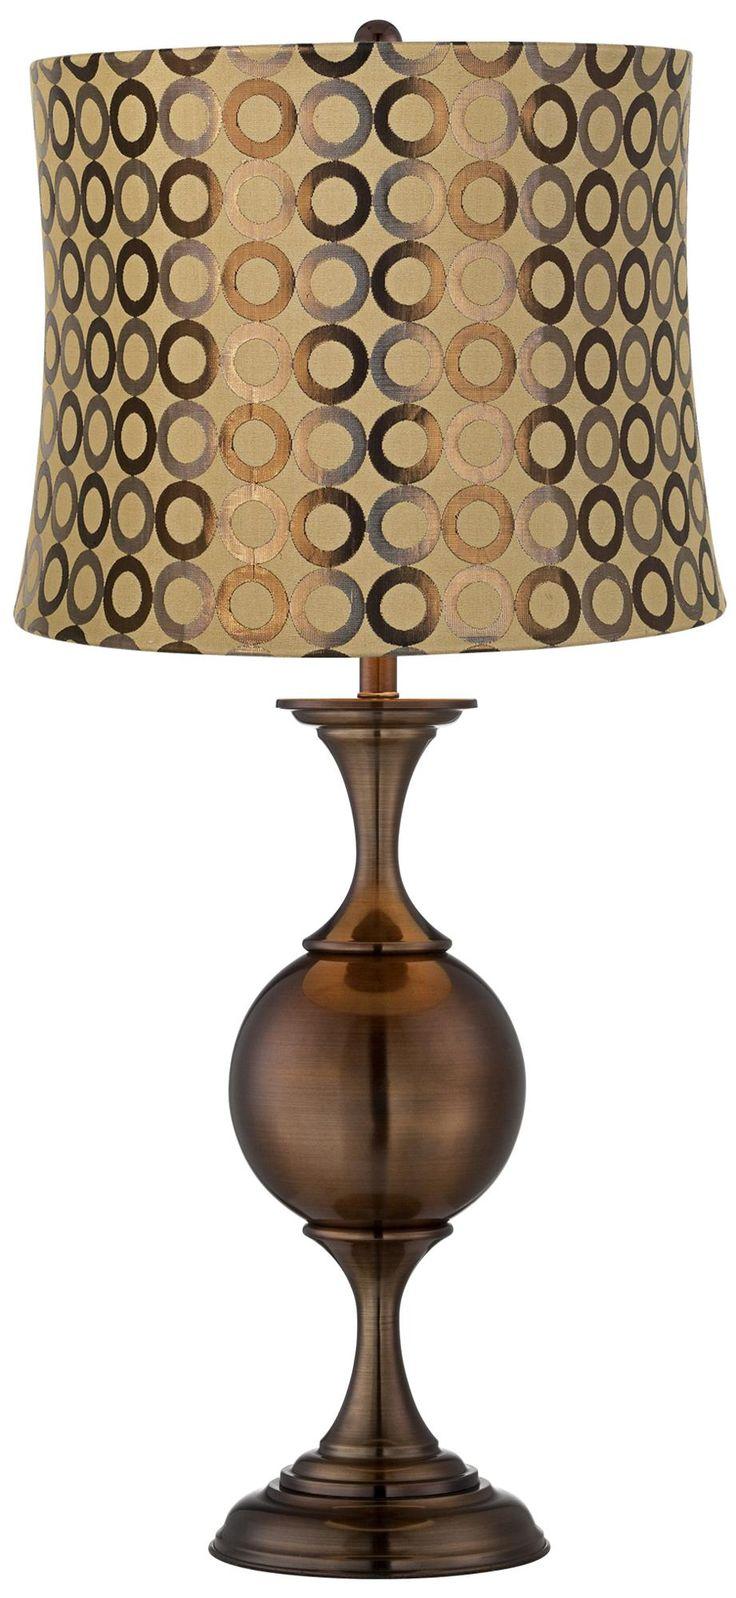 32 best Lamps I Love images on Pinterest   Lamp light, Bedroom ...